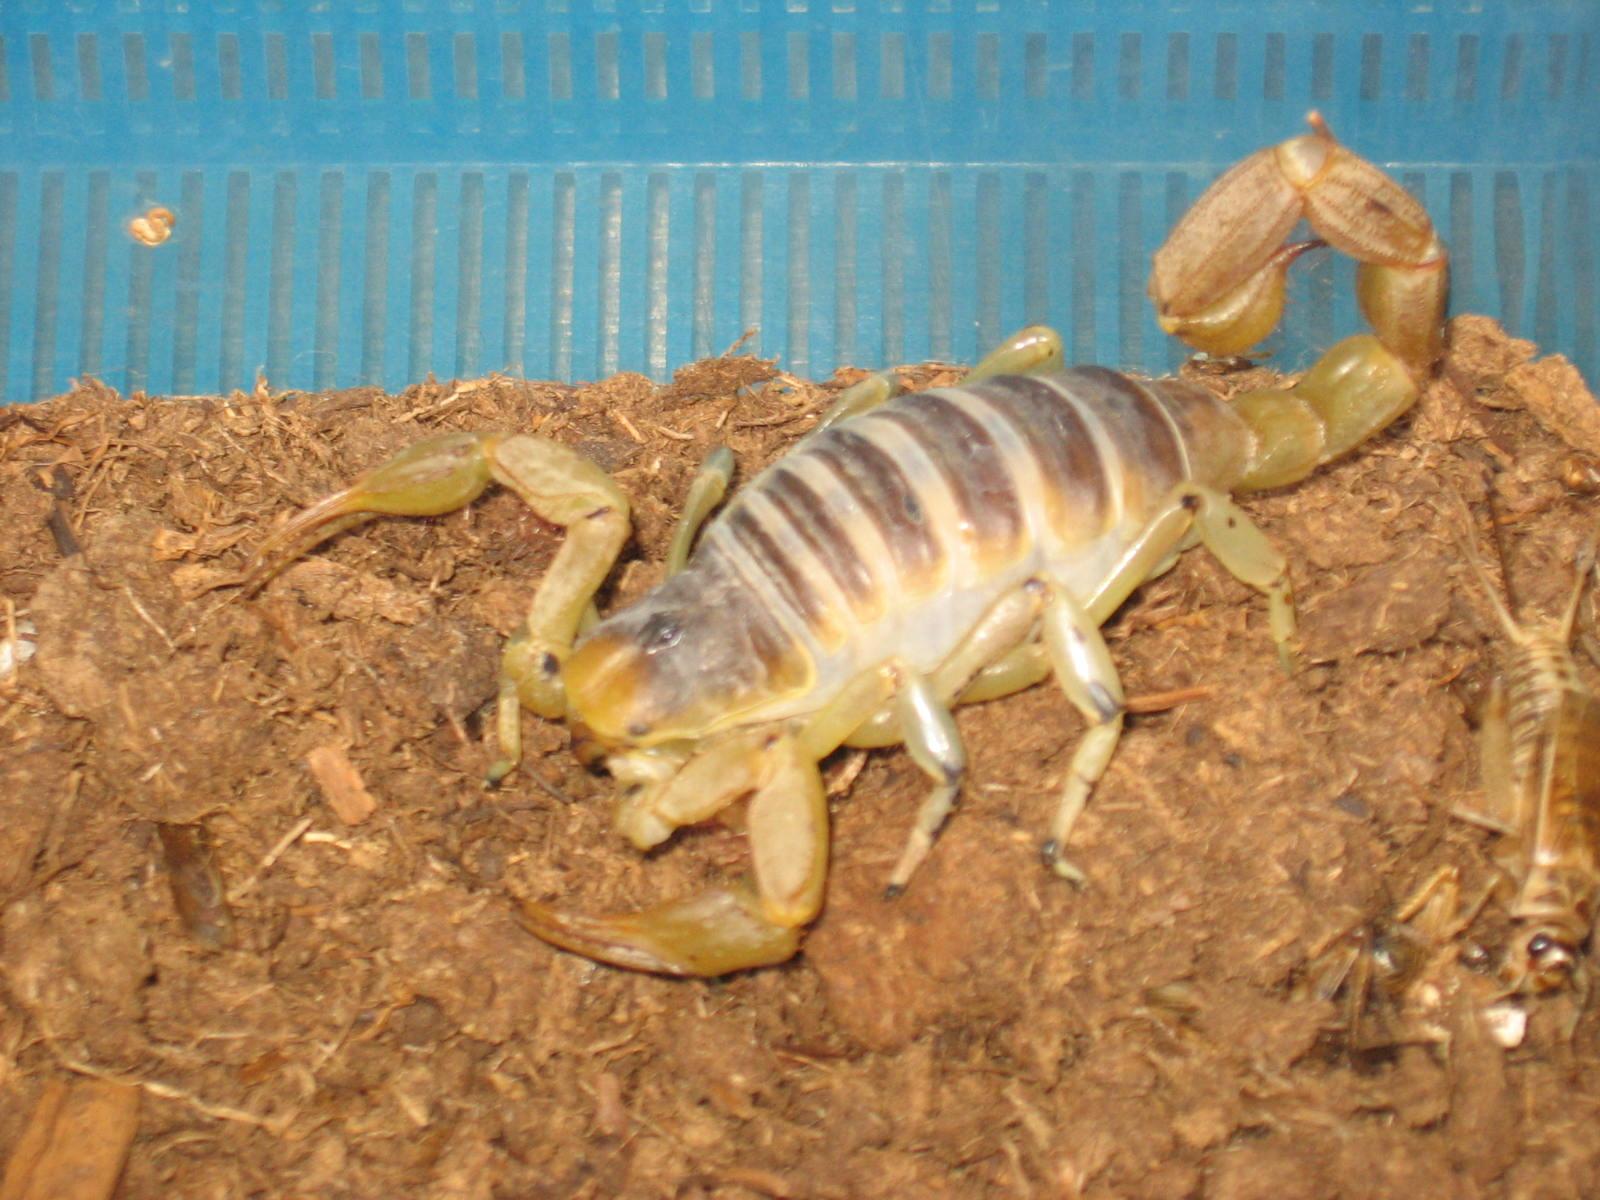 King scorpion animal - photo#9